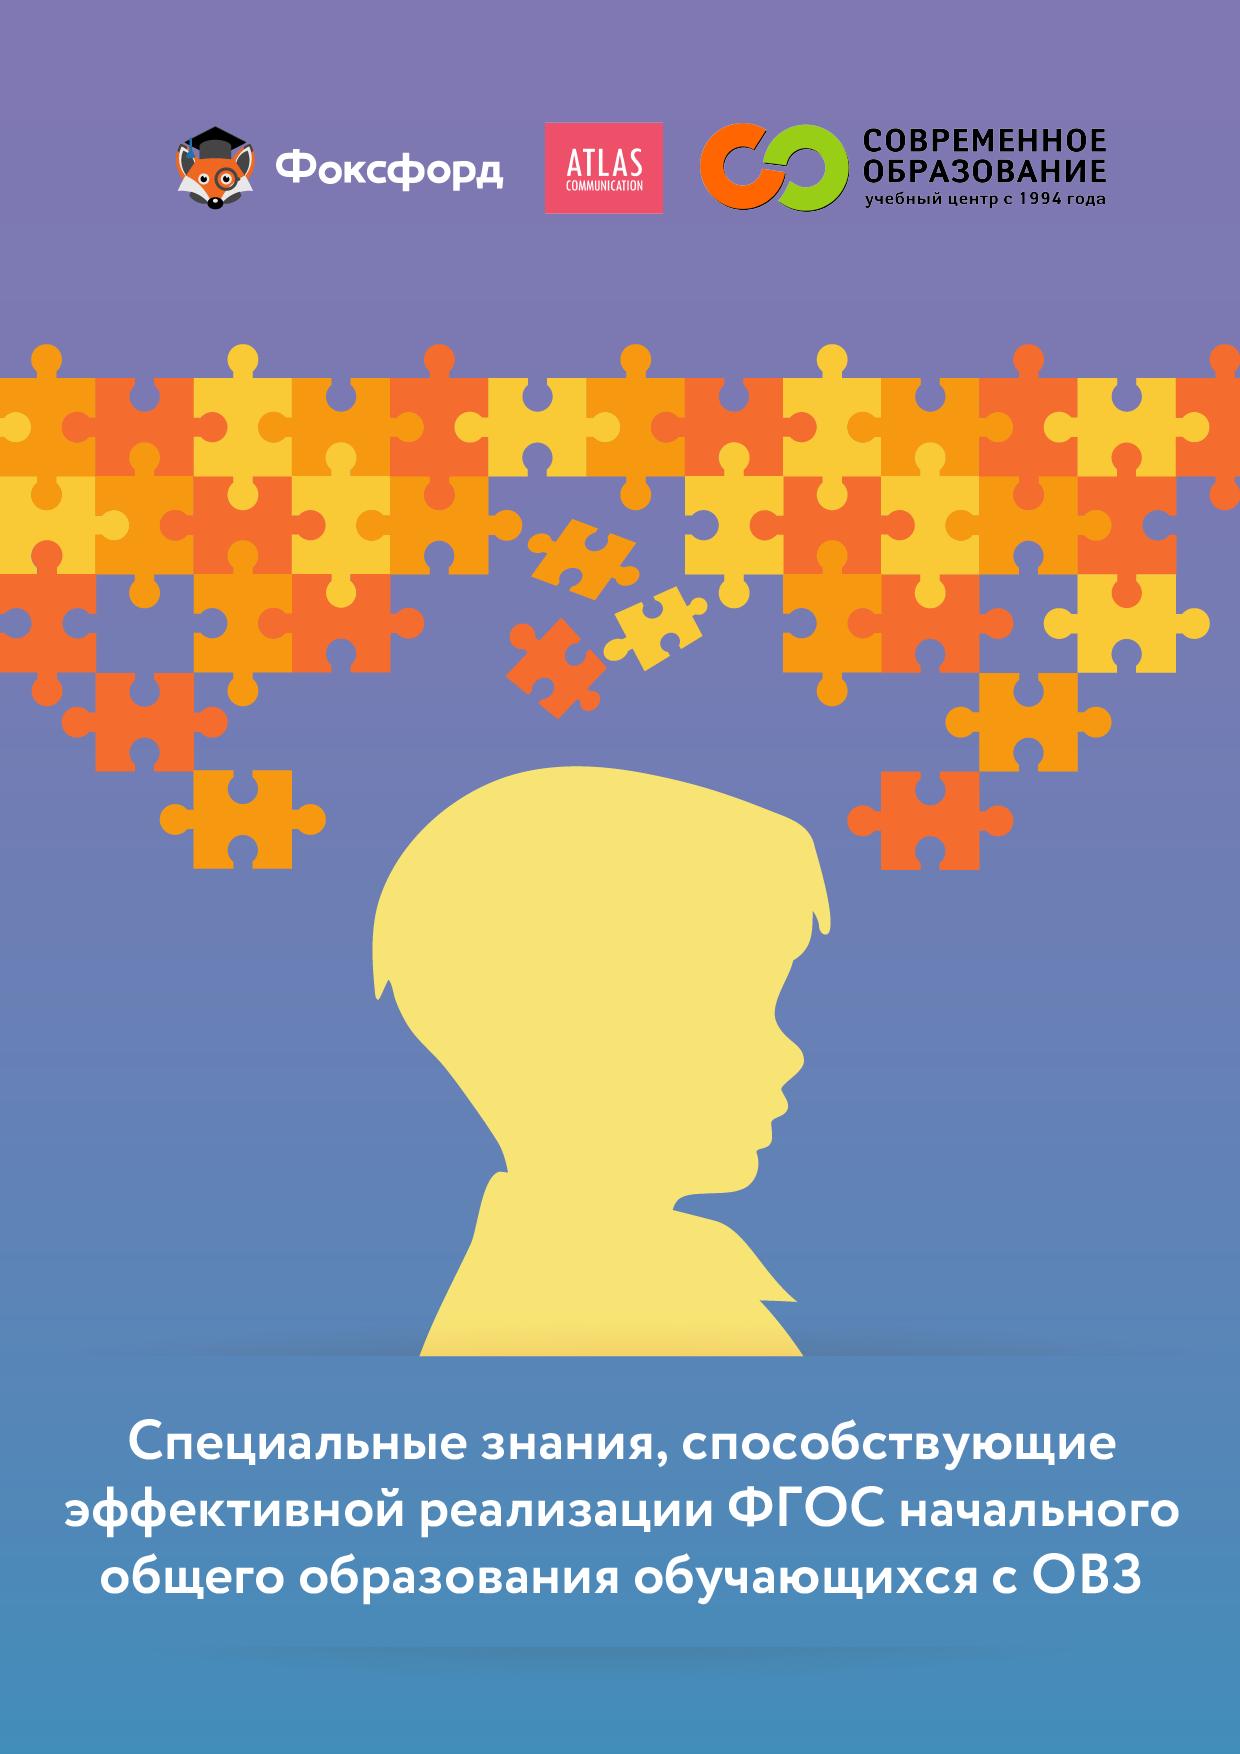 Инклюзивное образование: реализация ФГОС для обучающихся с ОВЗ